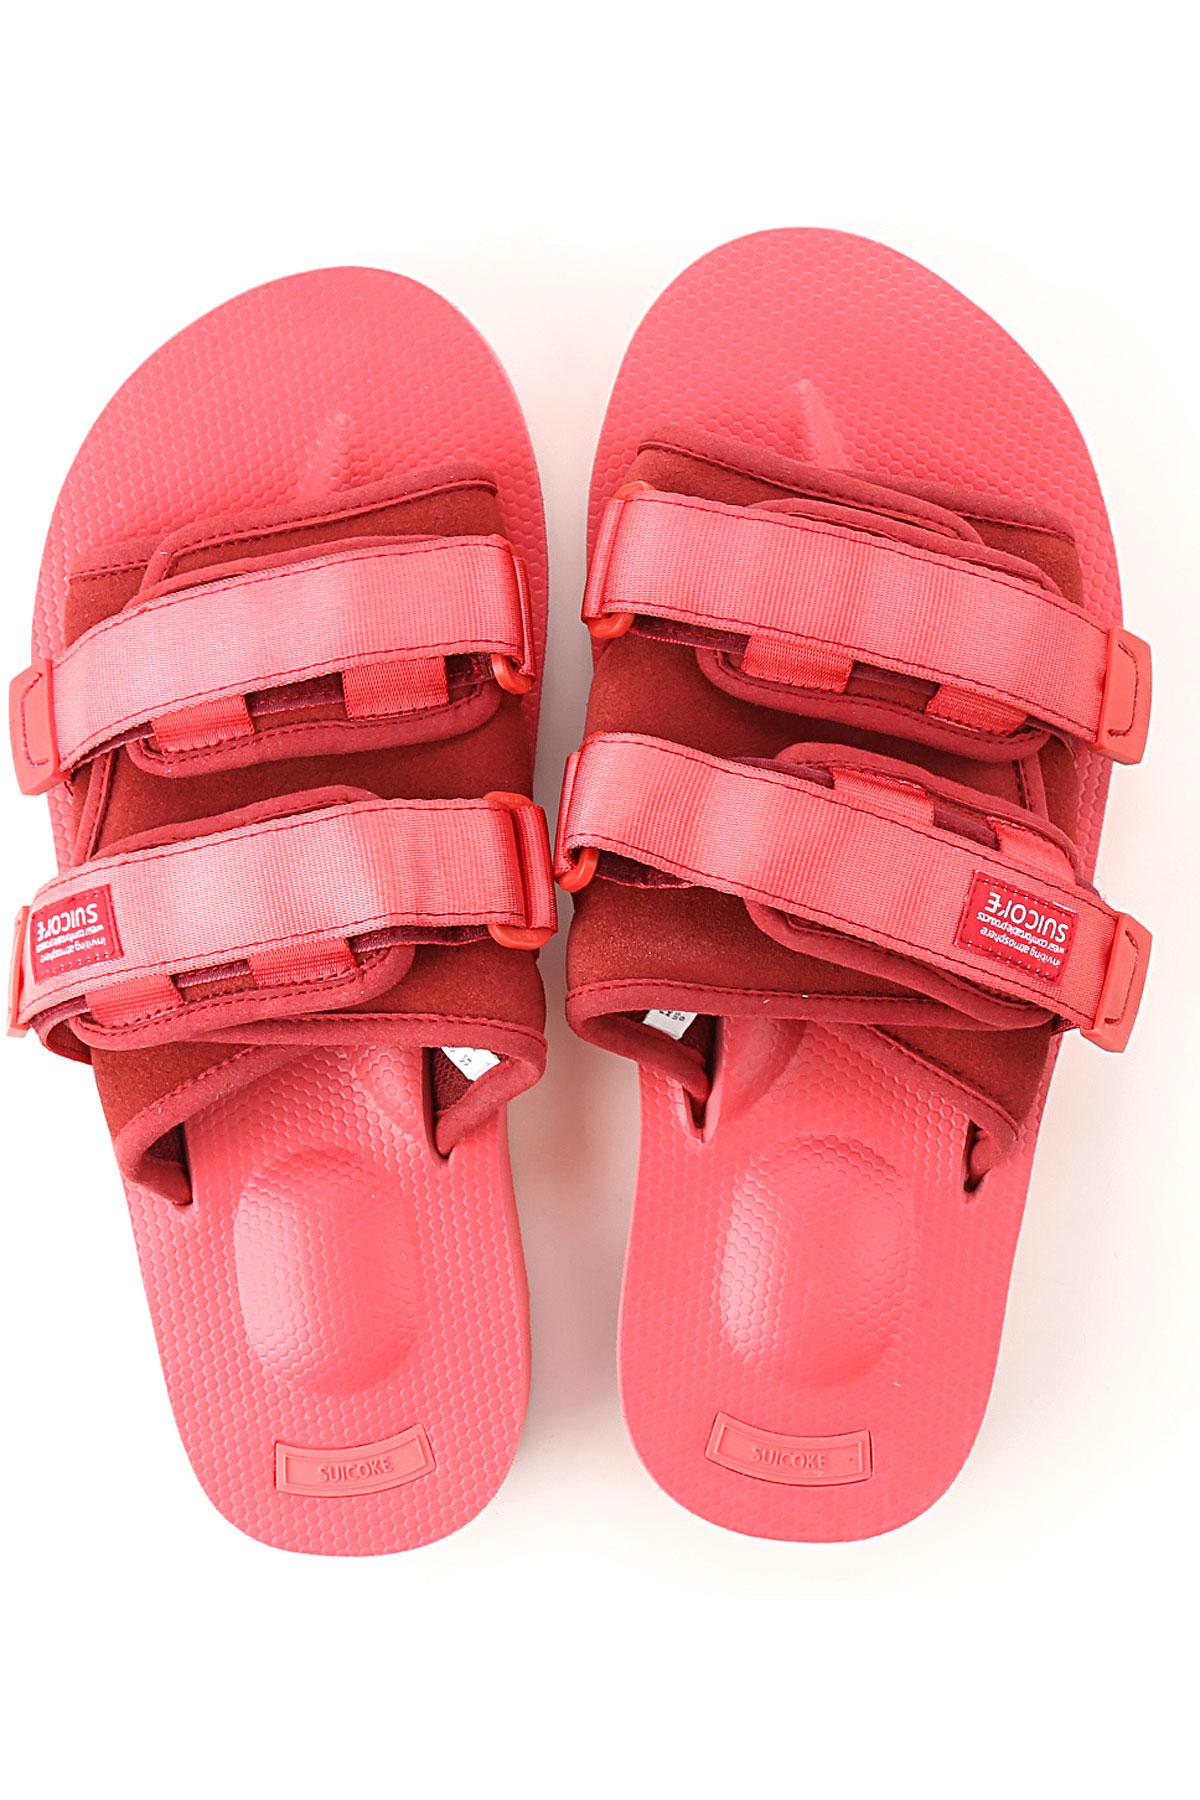 nbsp; Primavera Suicoke Zapatos verano Para 2019 Hombres Rojo F0Zf0w